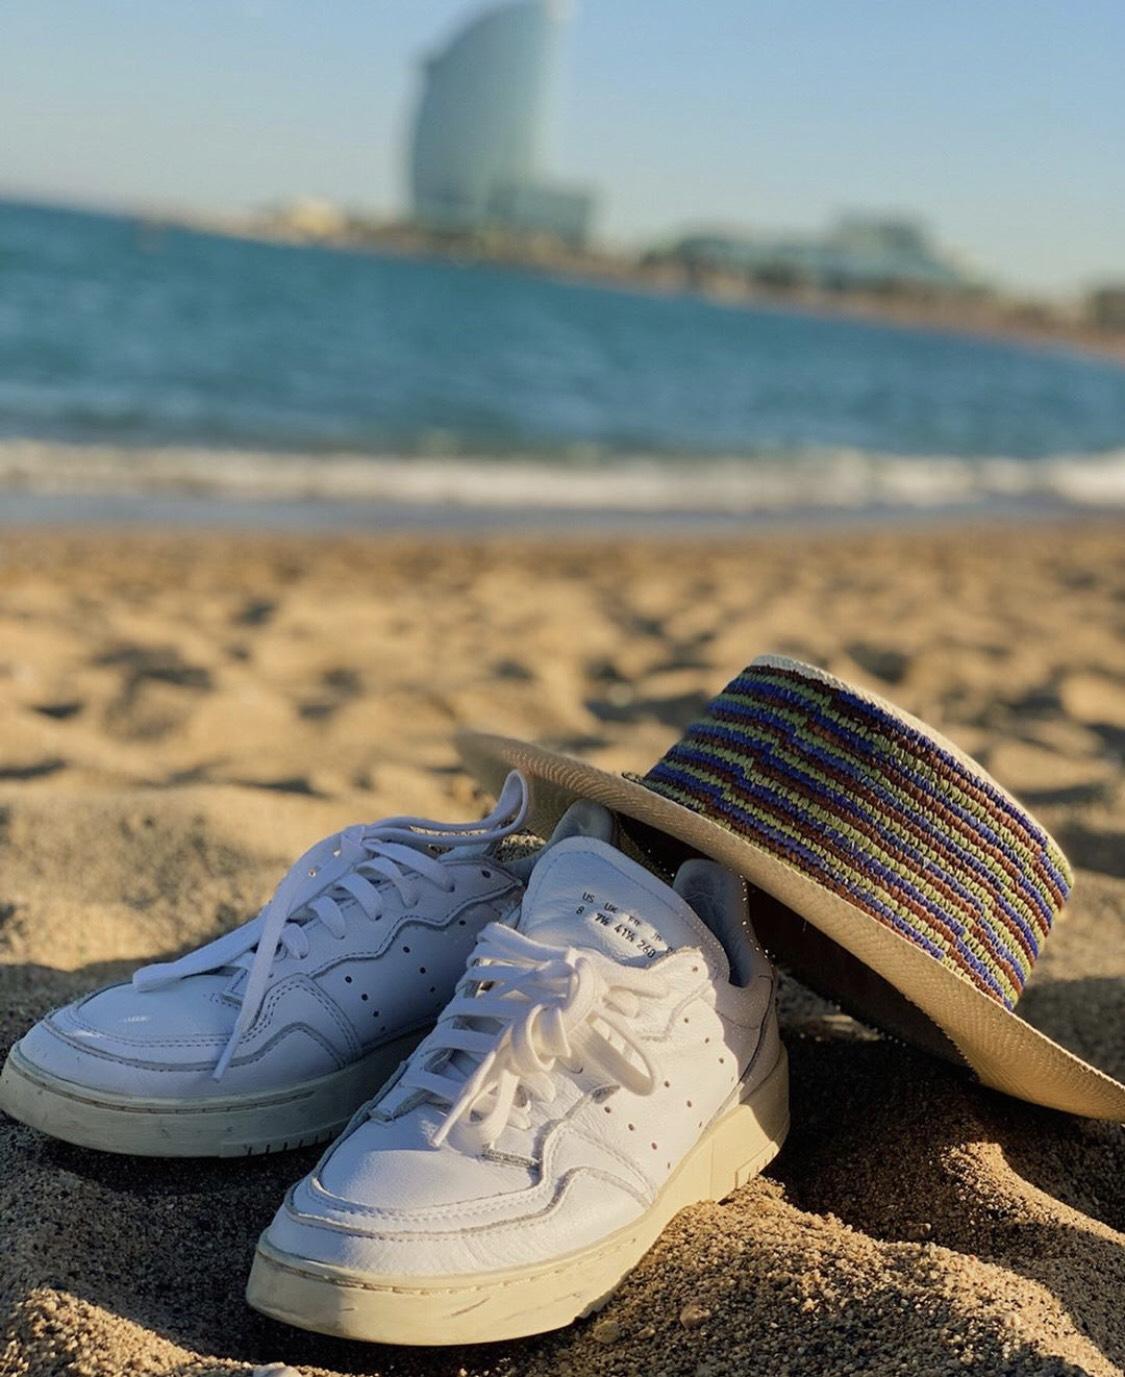 ▲大家在巴塞隆納的海灘自然裸露曬太陽,讓阿蹦留下深刻印象。